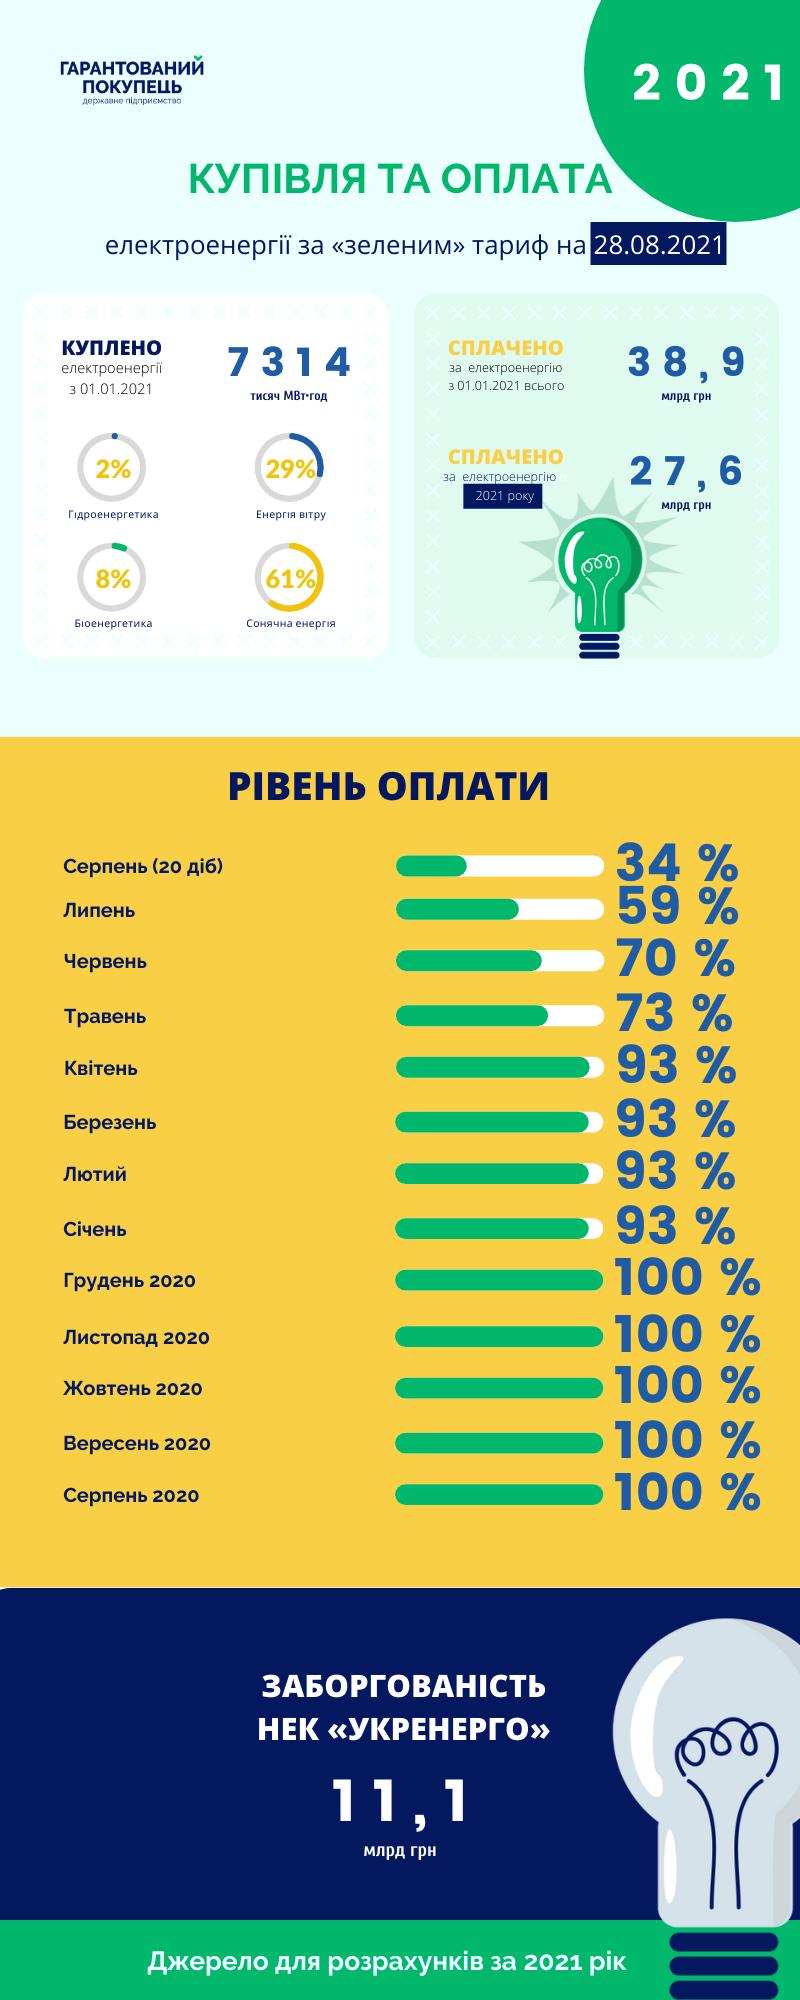 «Гарантированный покупатель» с начала года выплатил 38,9 млрд грн по «зеленому» тарифу